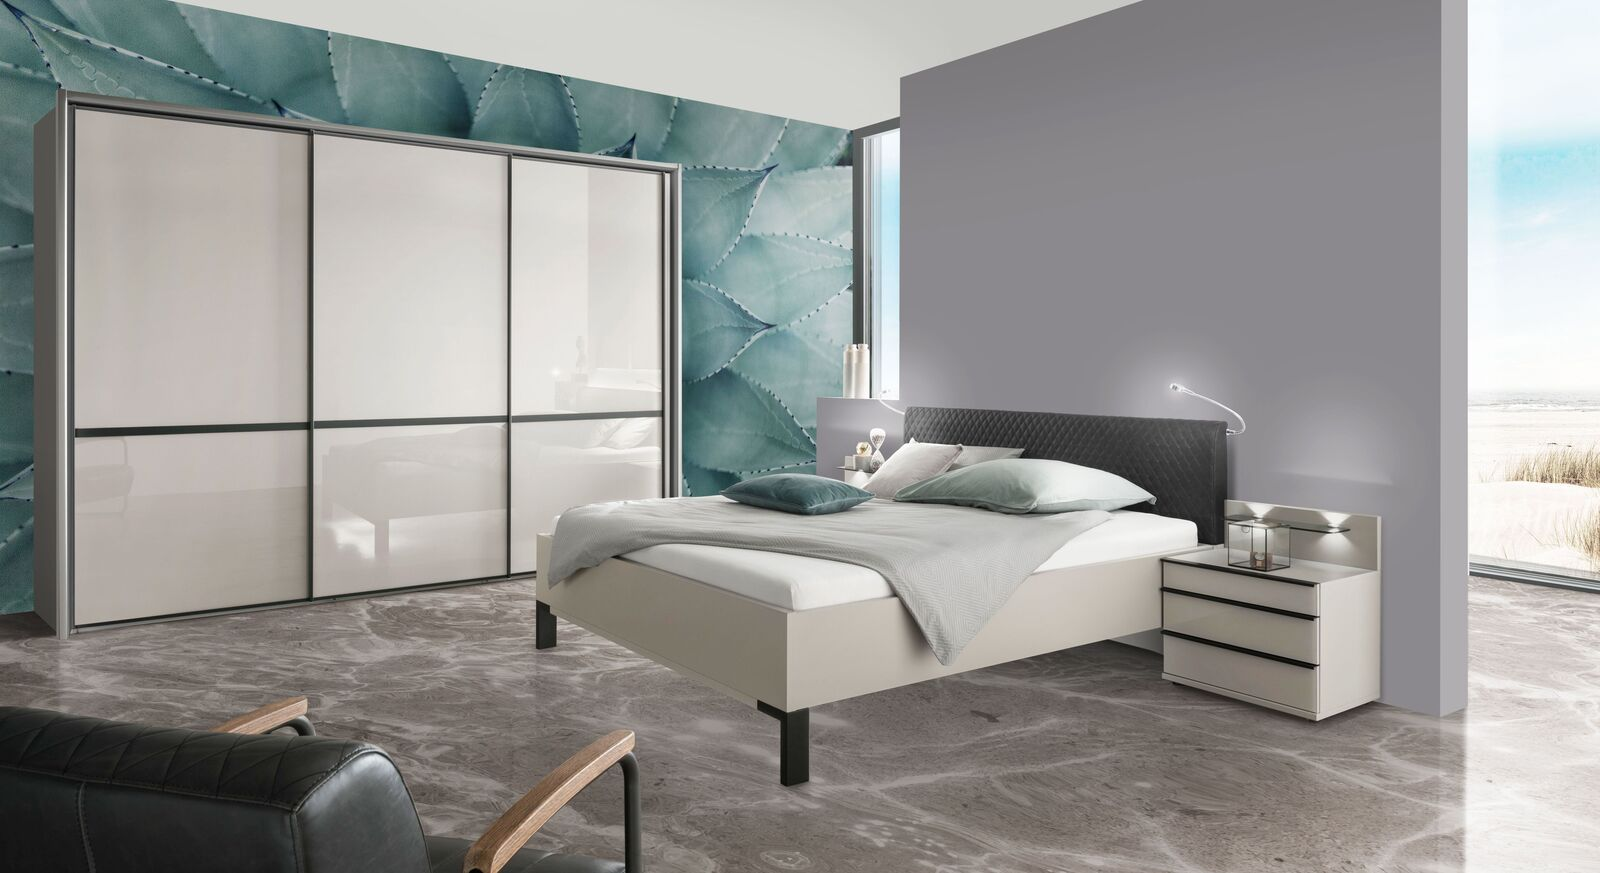 Komplett-Schlafzimmer-Loyd mit Schwebetüren-Kleiderschrank